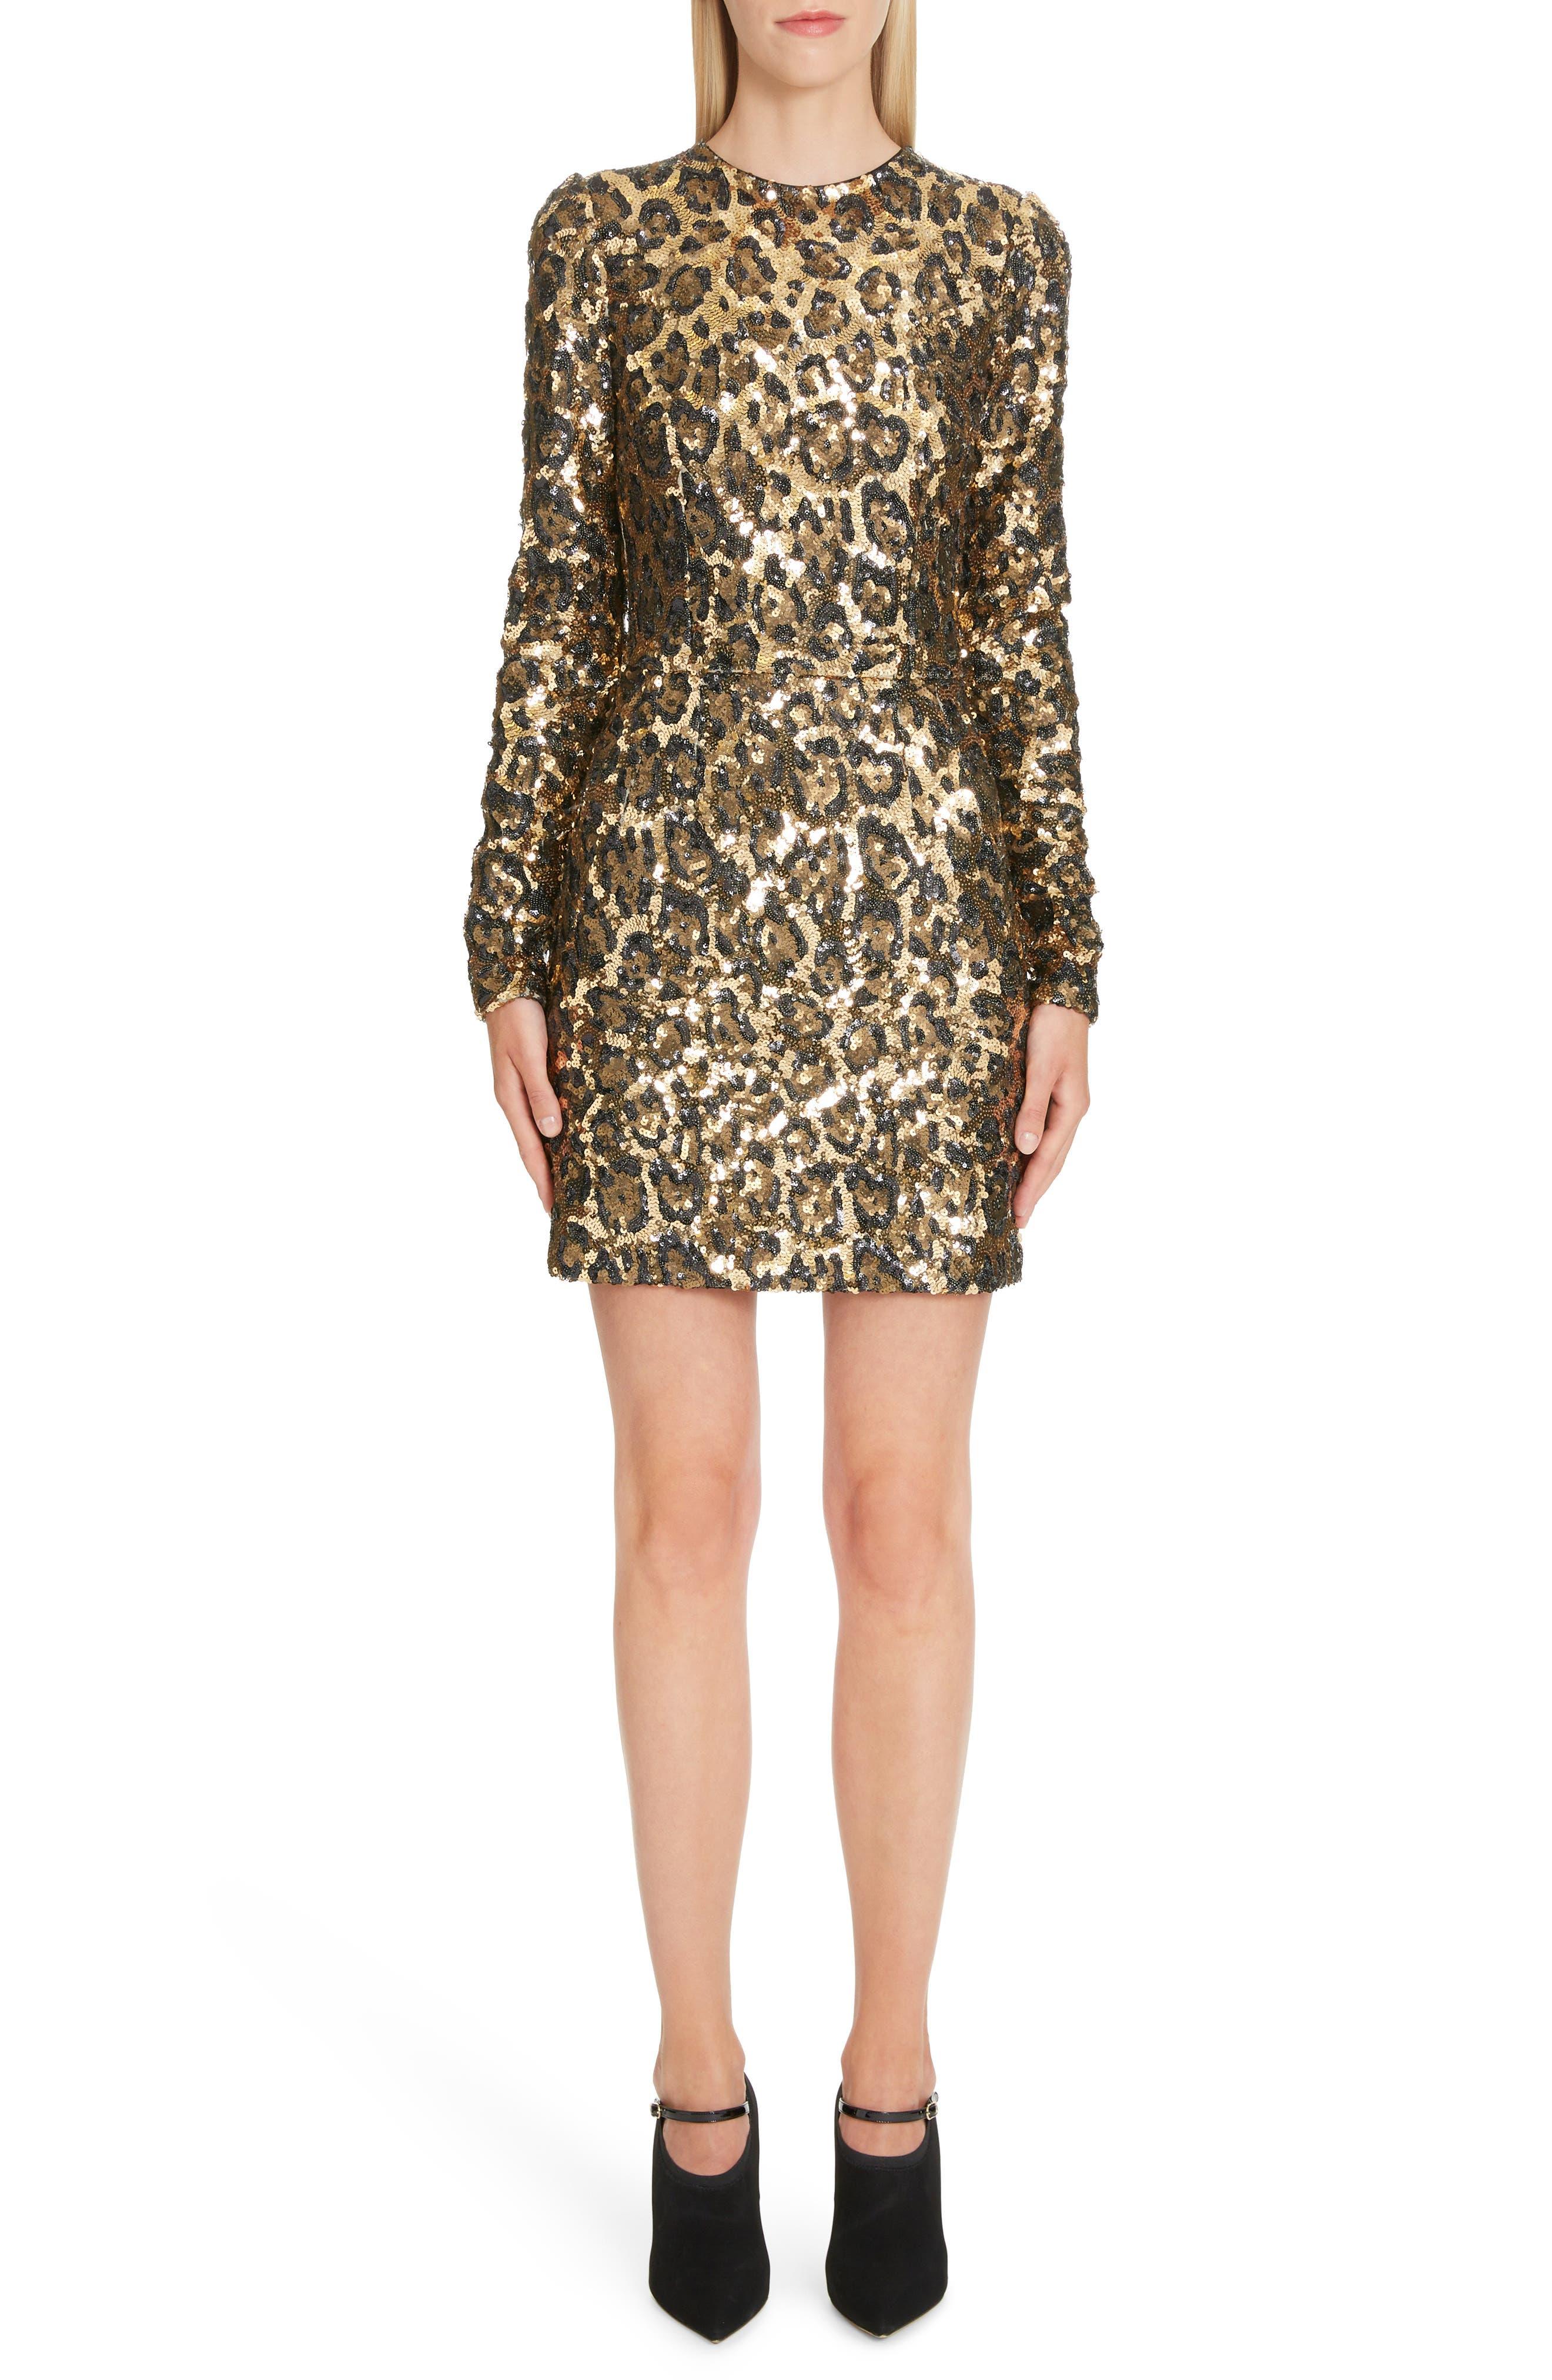 Dolce & gabbana Sequin Leopard Print Sheath Dress, US / 40 IT - Black